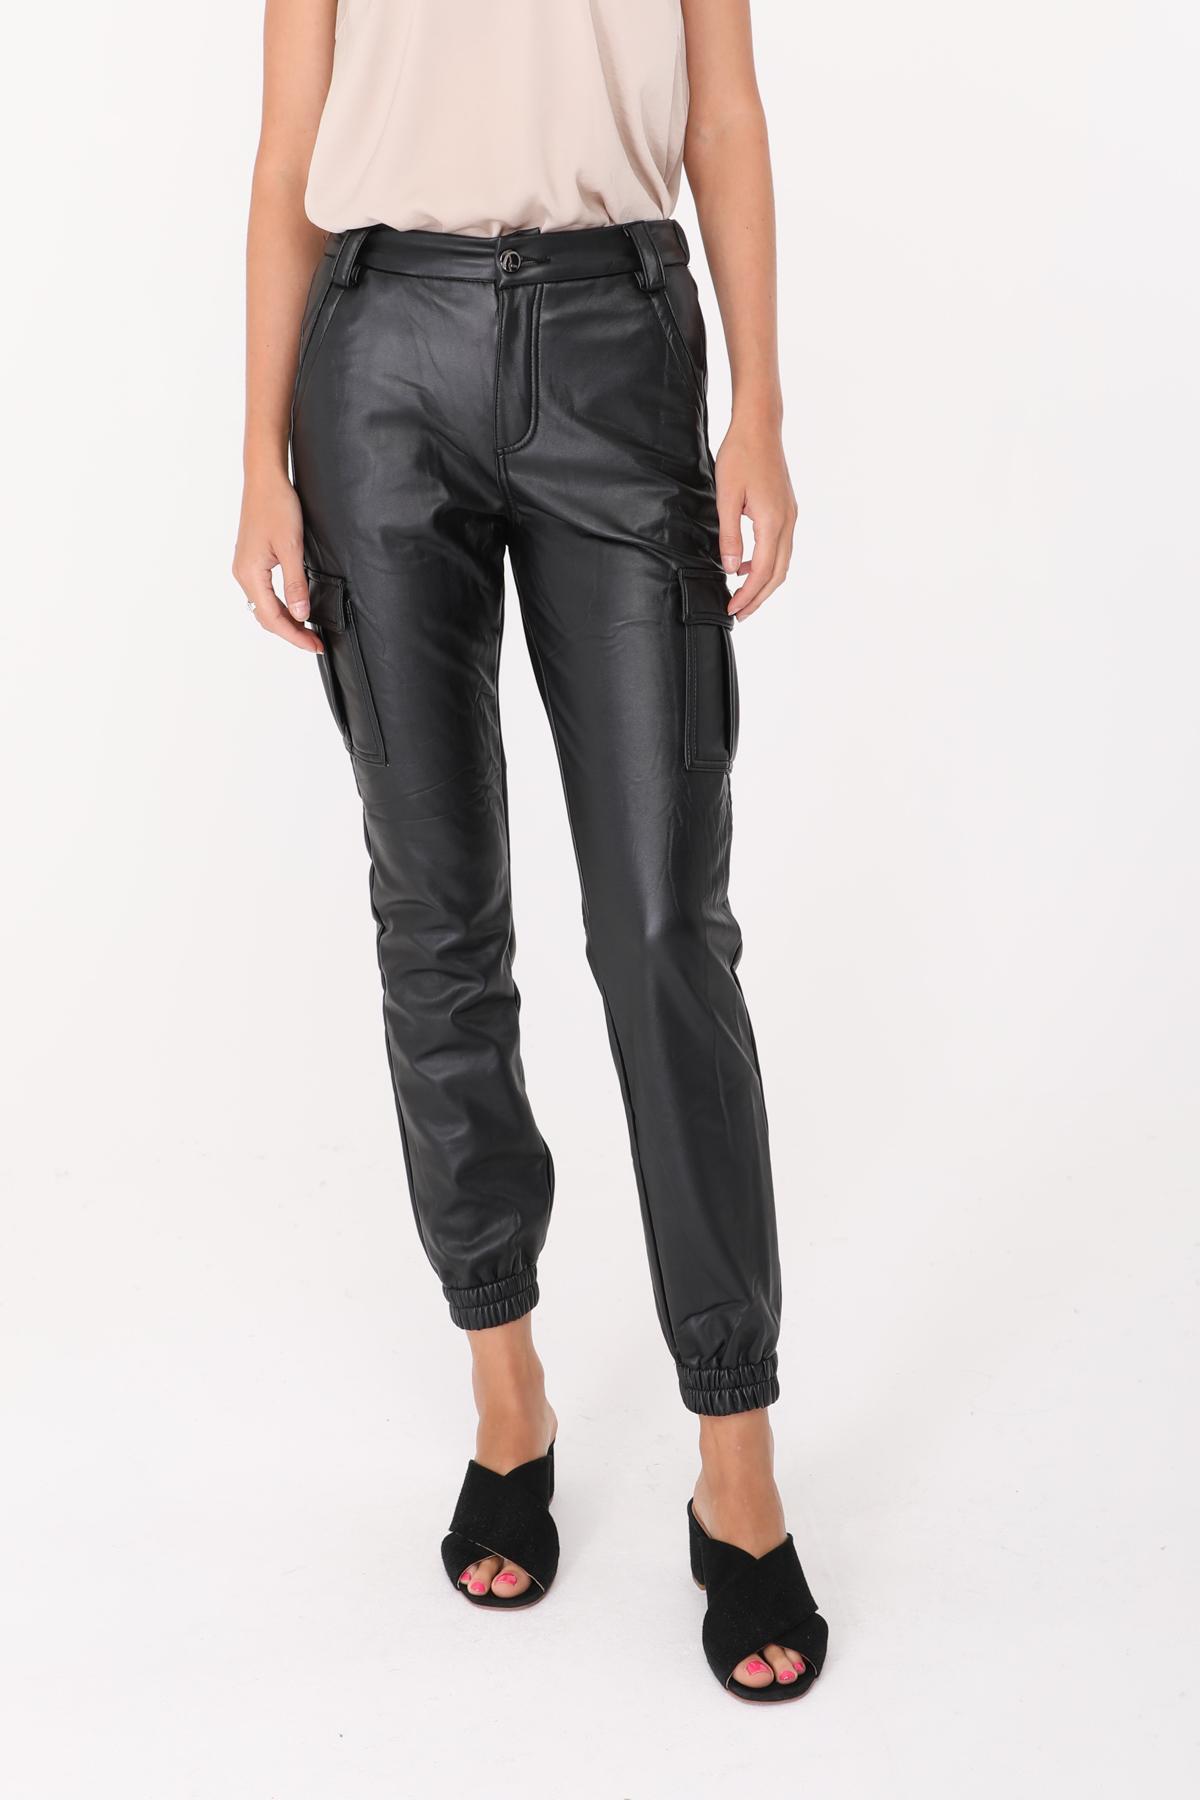 Pantalons Femme Noir Lovita 356 #c eFashion Paris